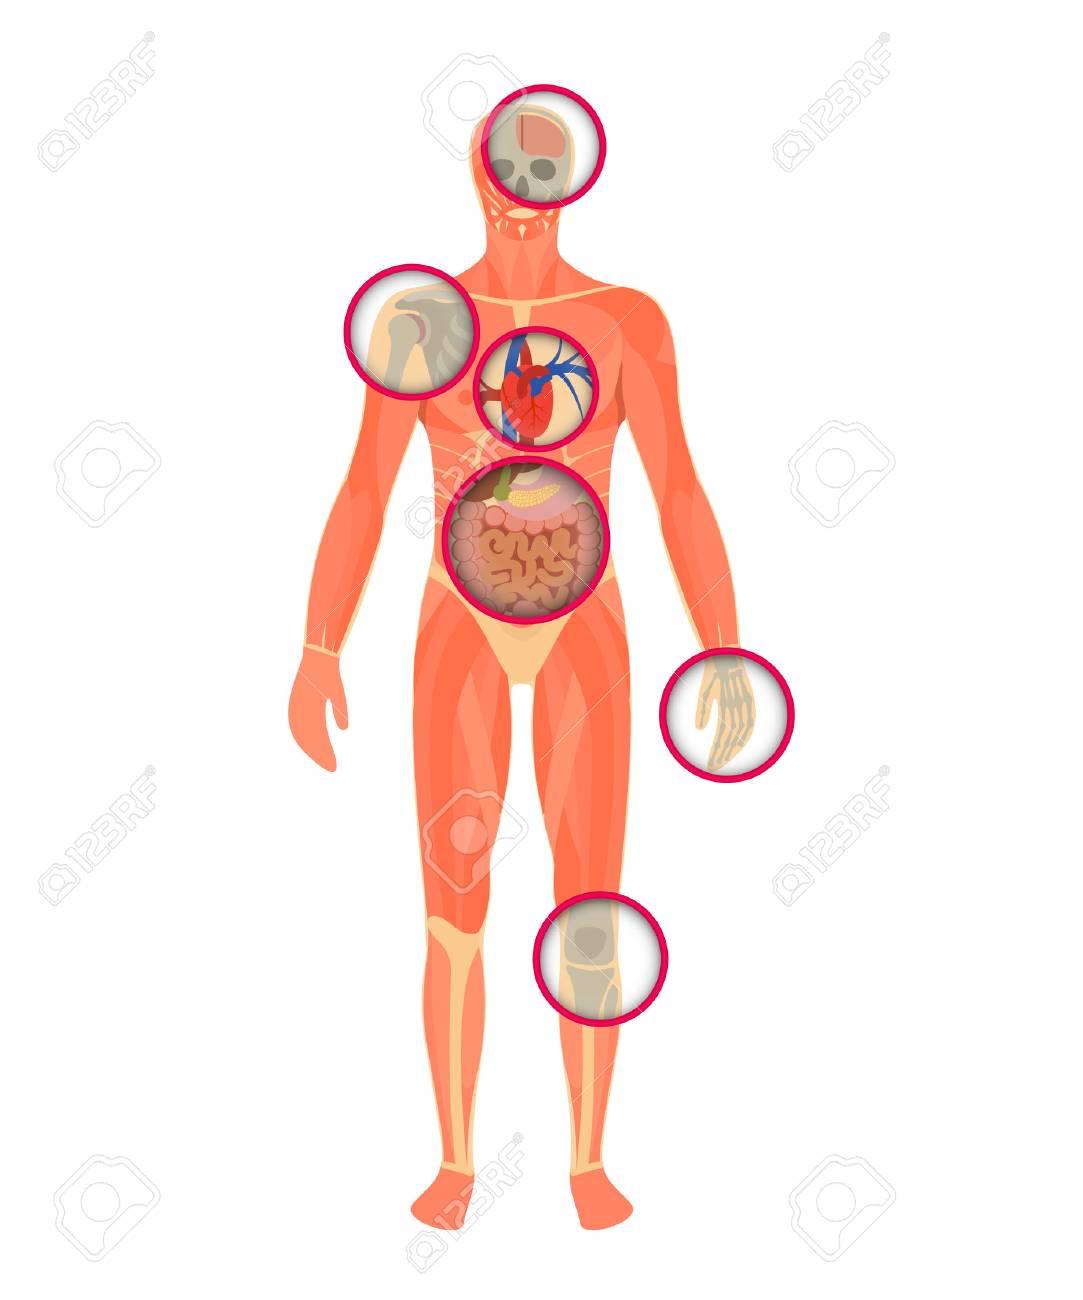 La Estructura Del Cuerpo Humano - Una Mirada A Través Del Escáner ...